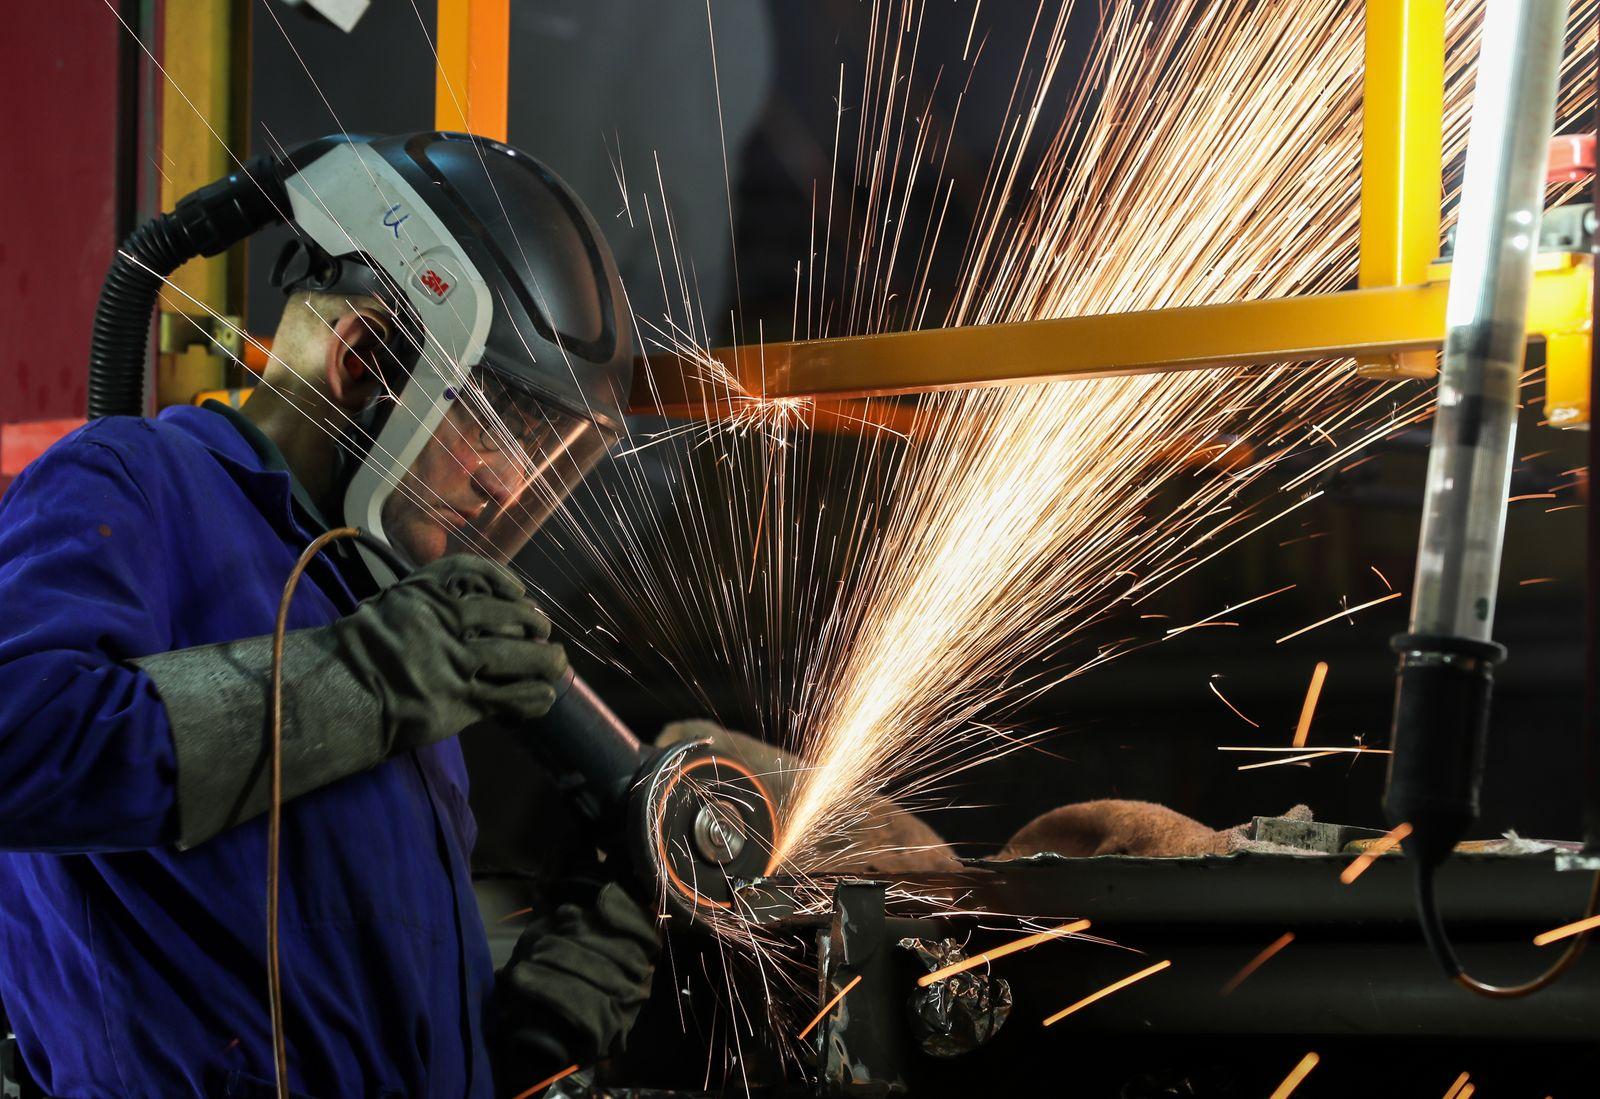 Maschinenbau setzt auch in Corona-Krise auf duales Studium